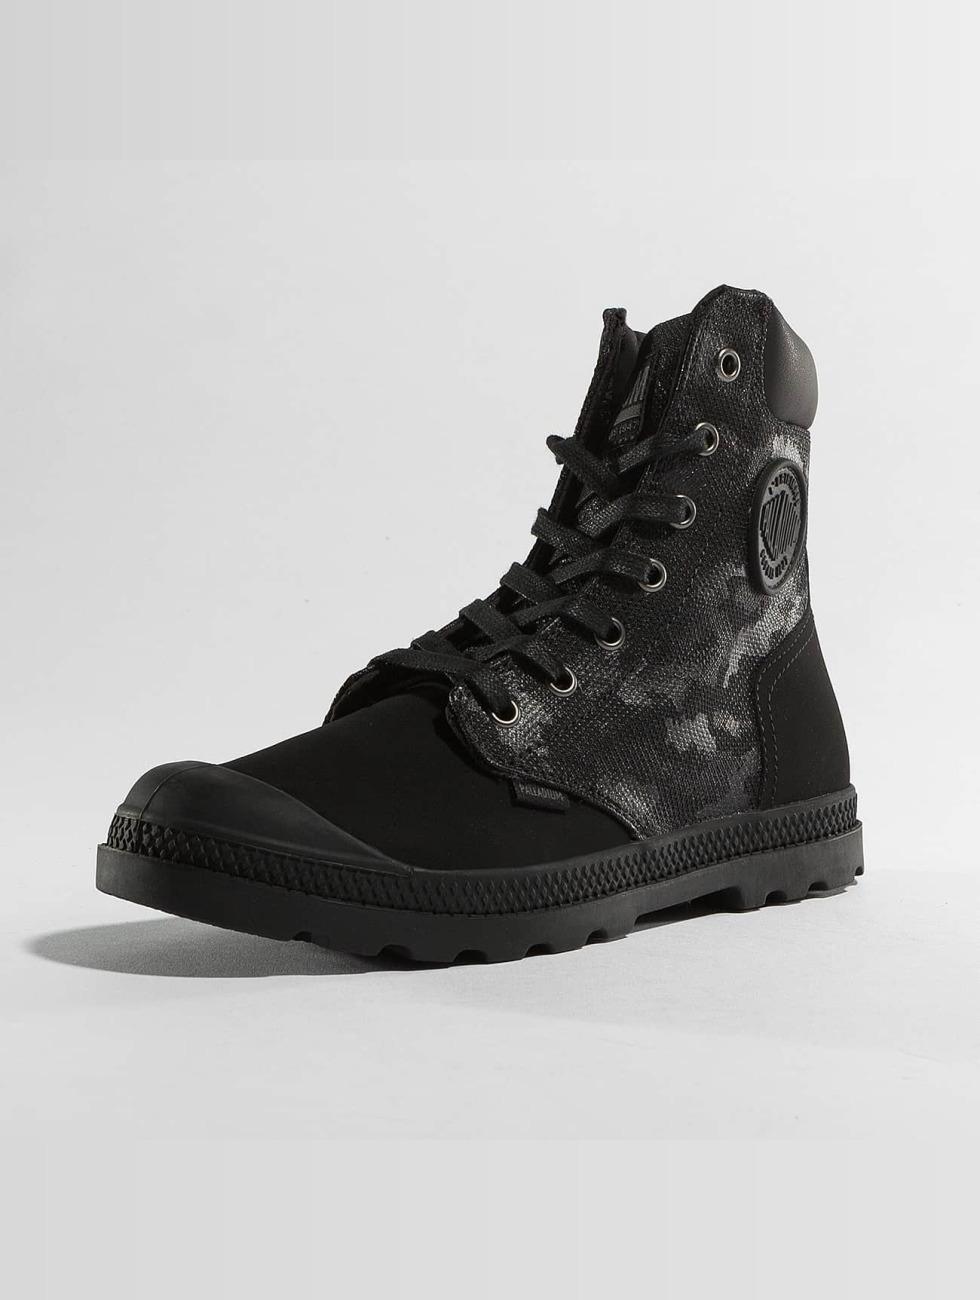 Lage Verzendkosten Goedkoop Online Kortingen Online Palladium schoen / Boots Pampa Hi Knit LP Camo in zwart 401611 Goedkope Koop Warm Te Koop DM97F819K